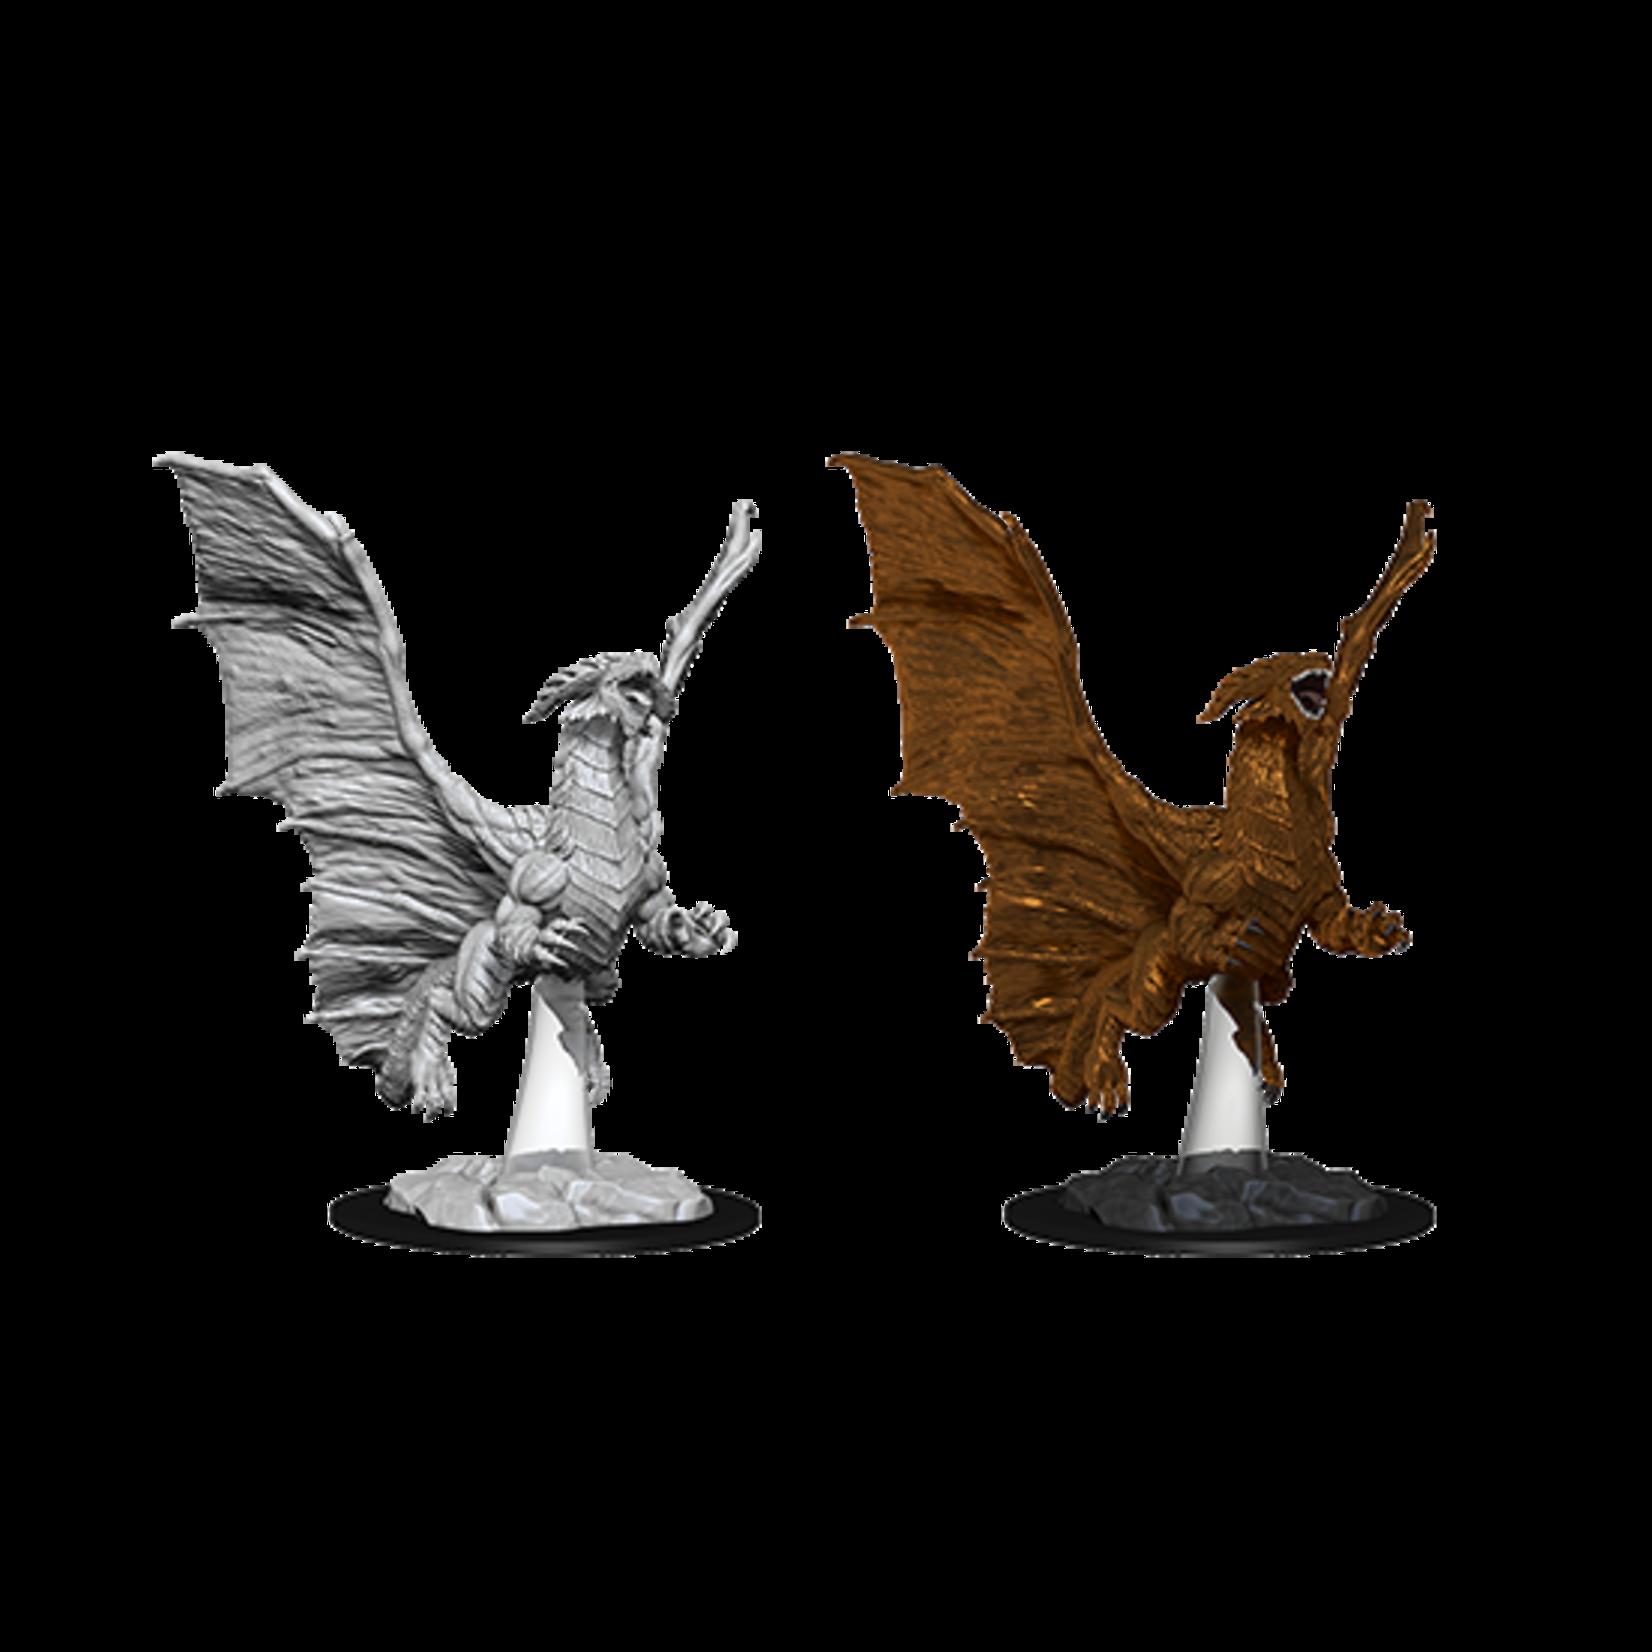 WizKids D&D Nolzur's Marvelous Miniatures: Young Copper Dragon (W8)